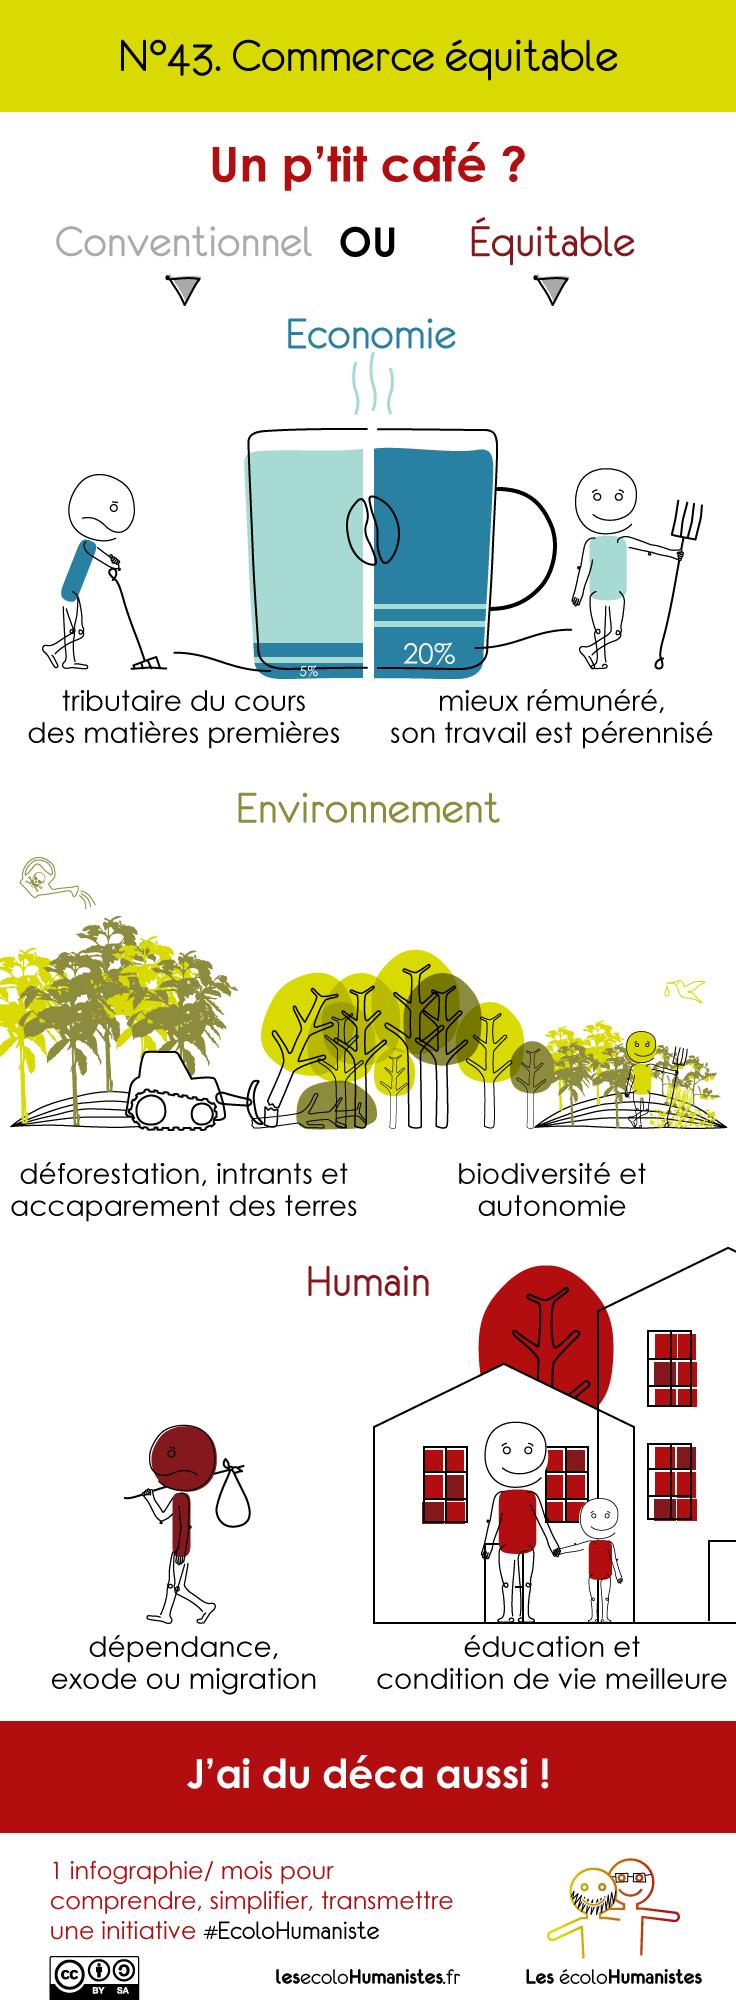 Commerce équitable : une infographie pour tout comprendre !